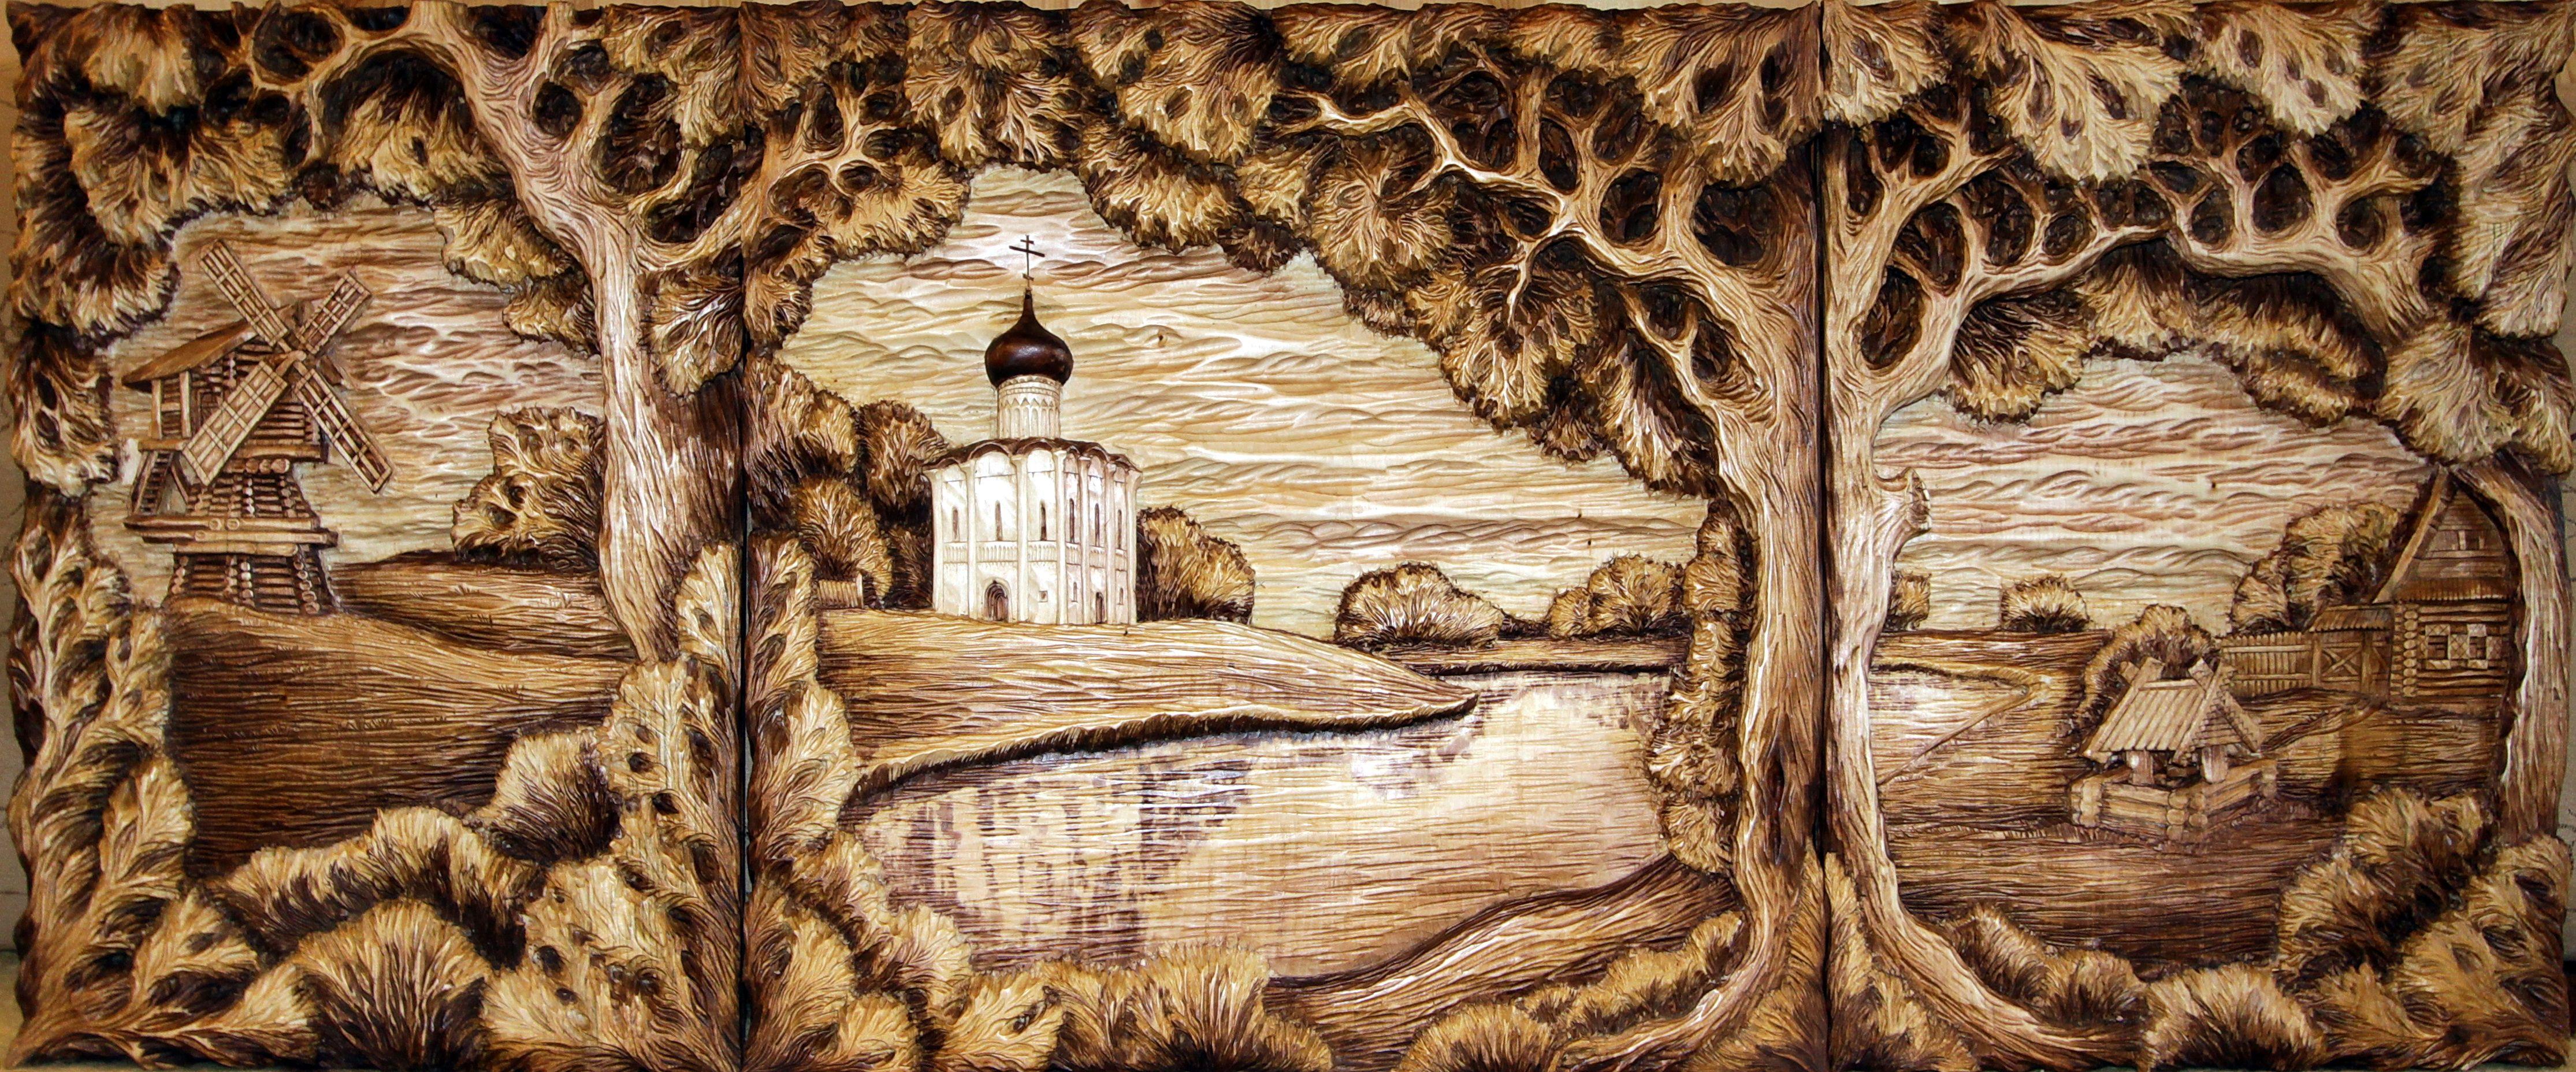 выжигание по дереву картинки славянские преддверии большого